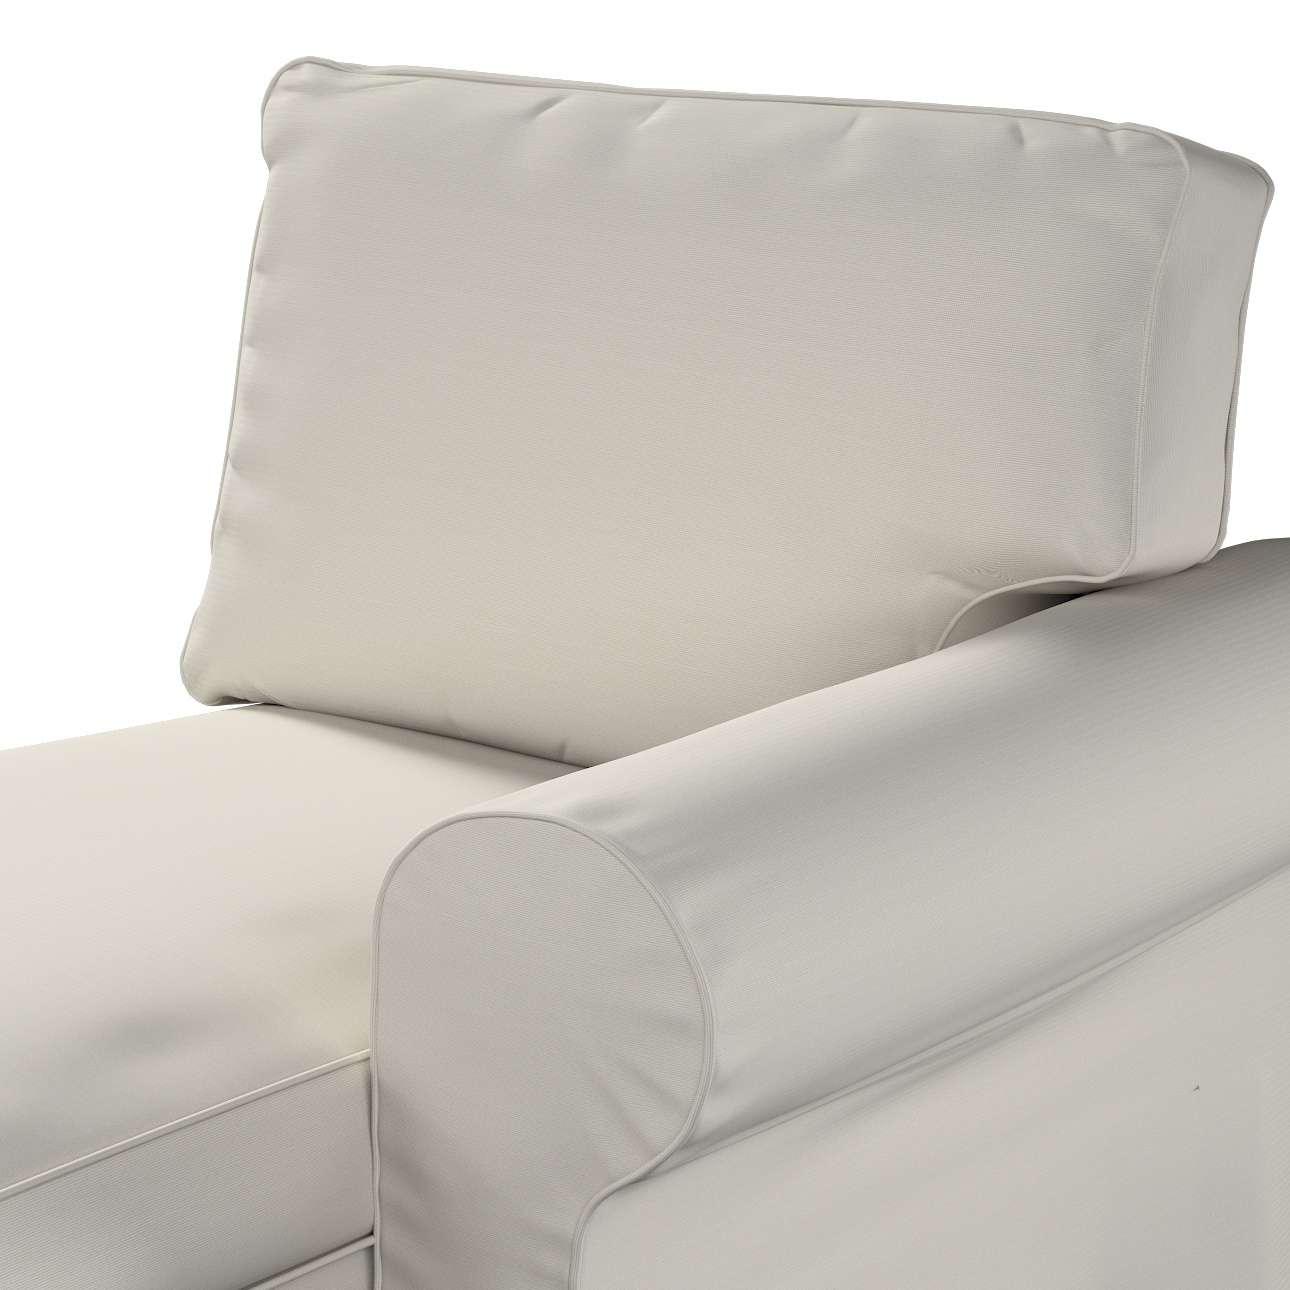 Pokrowiec na szezlong Ektorp prawy w kolekcji Cotton Panama, tkanina: 702-31